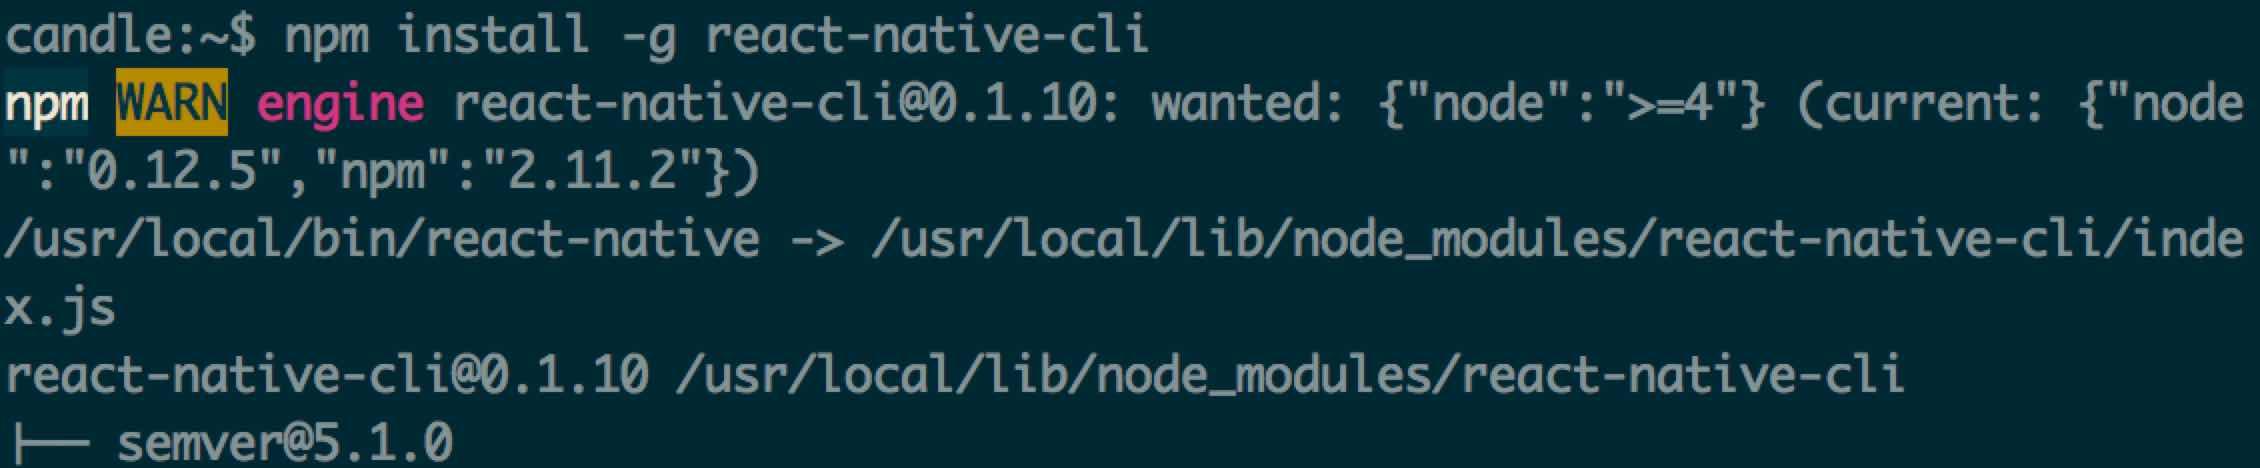 install_react_native_cli